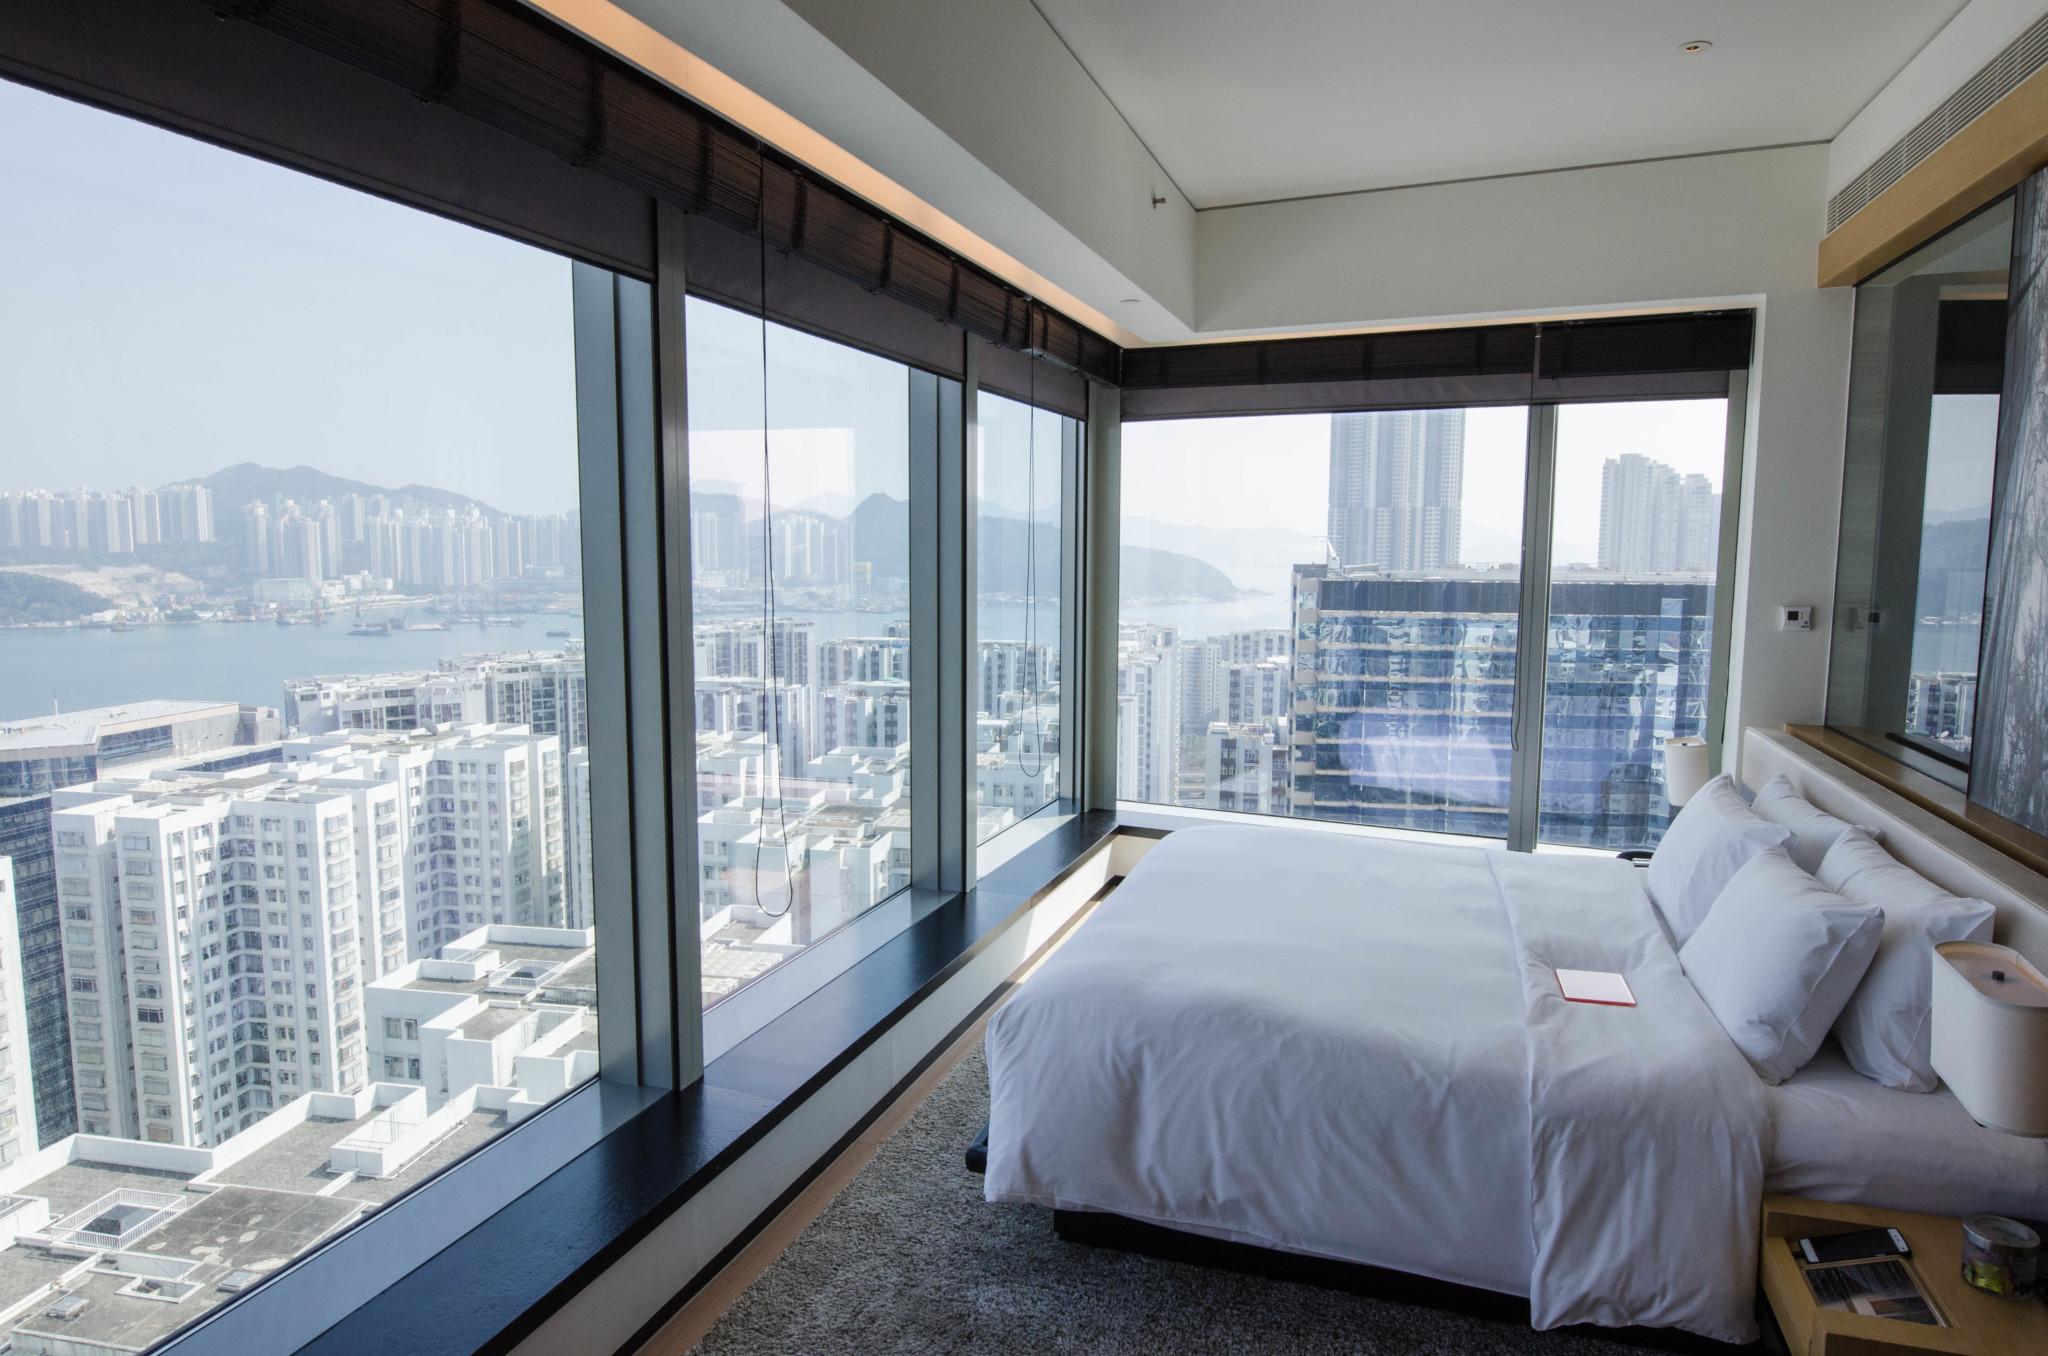 Hongkong Hotel-Tipps: Wo kann man am besten übernachten?